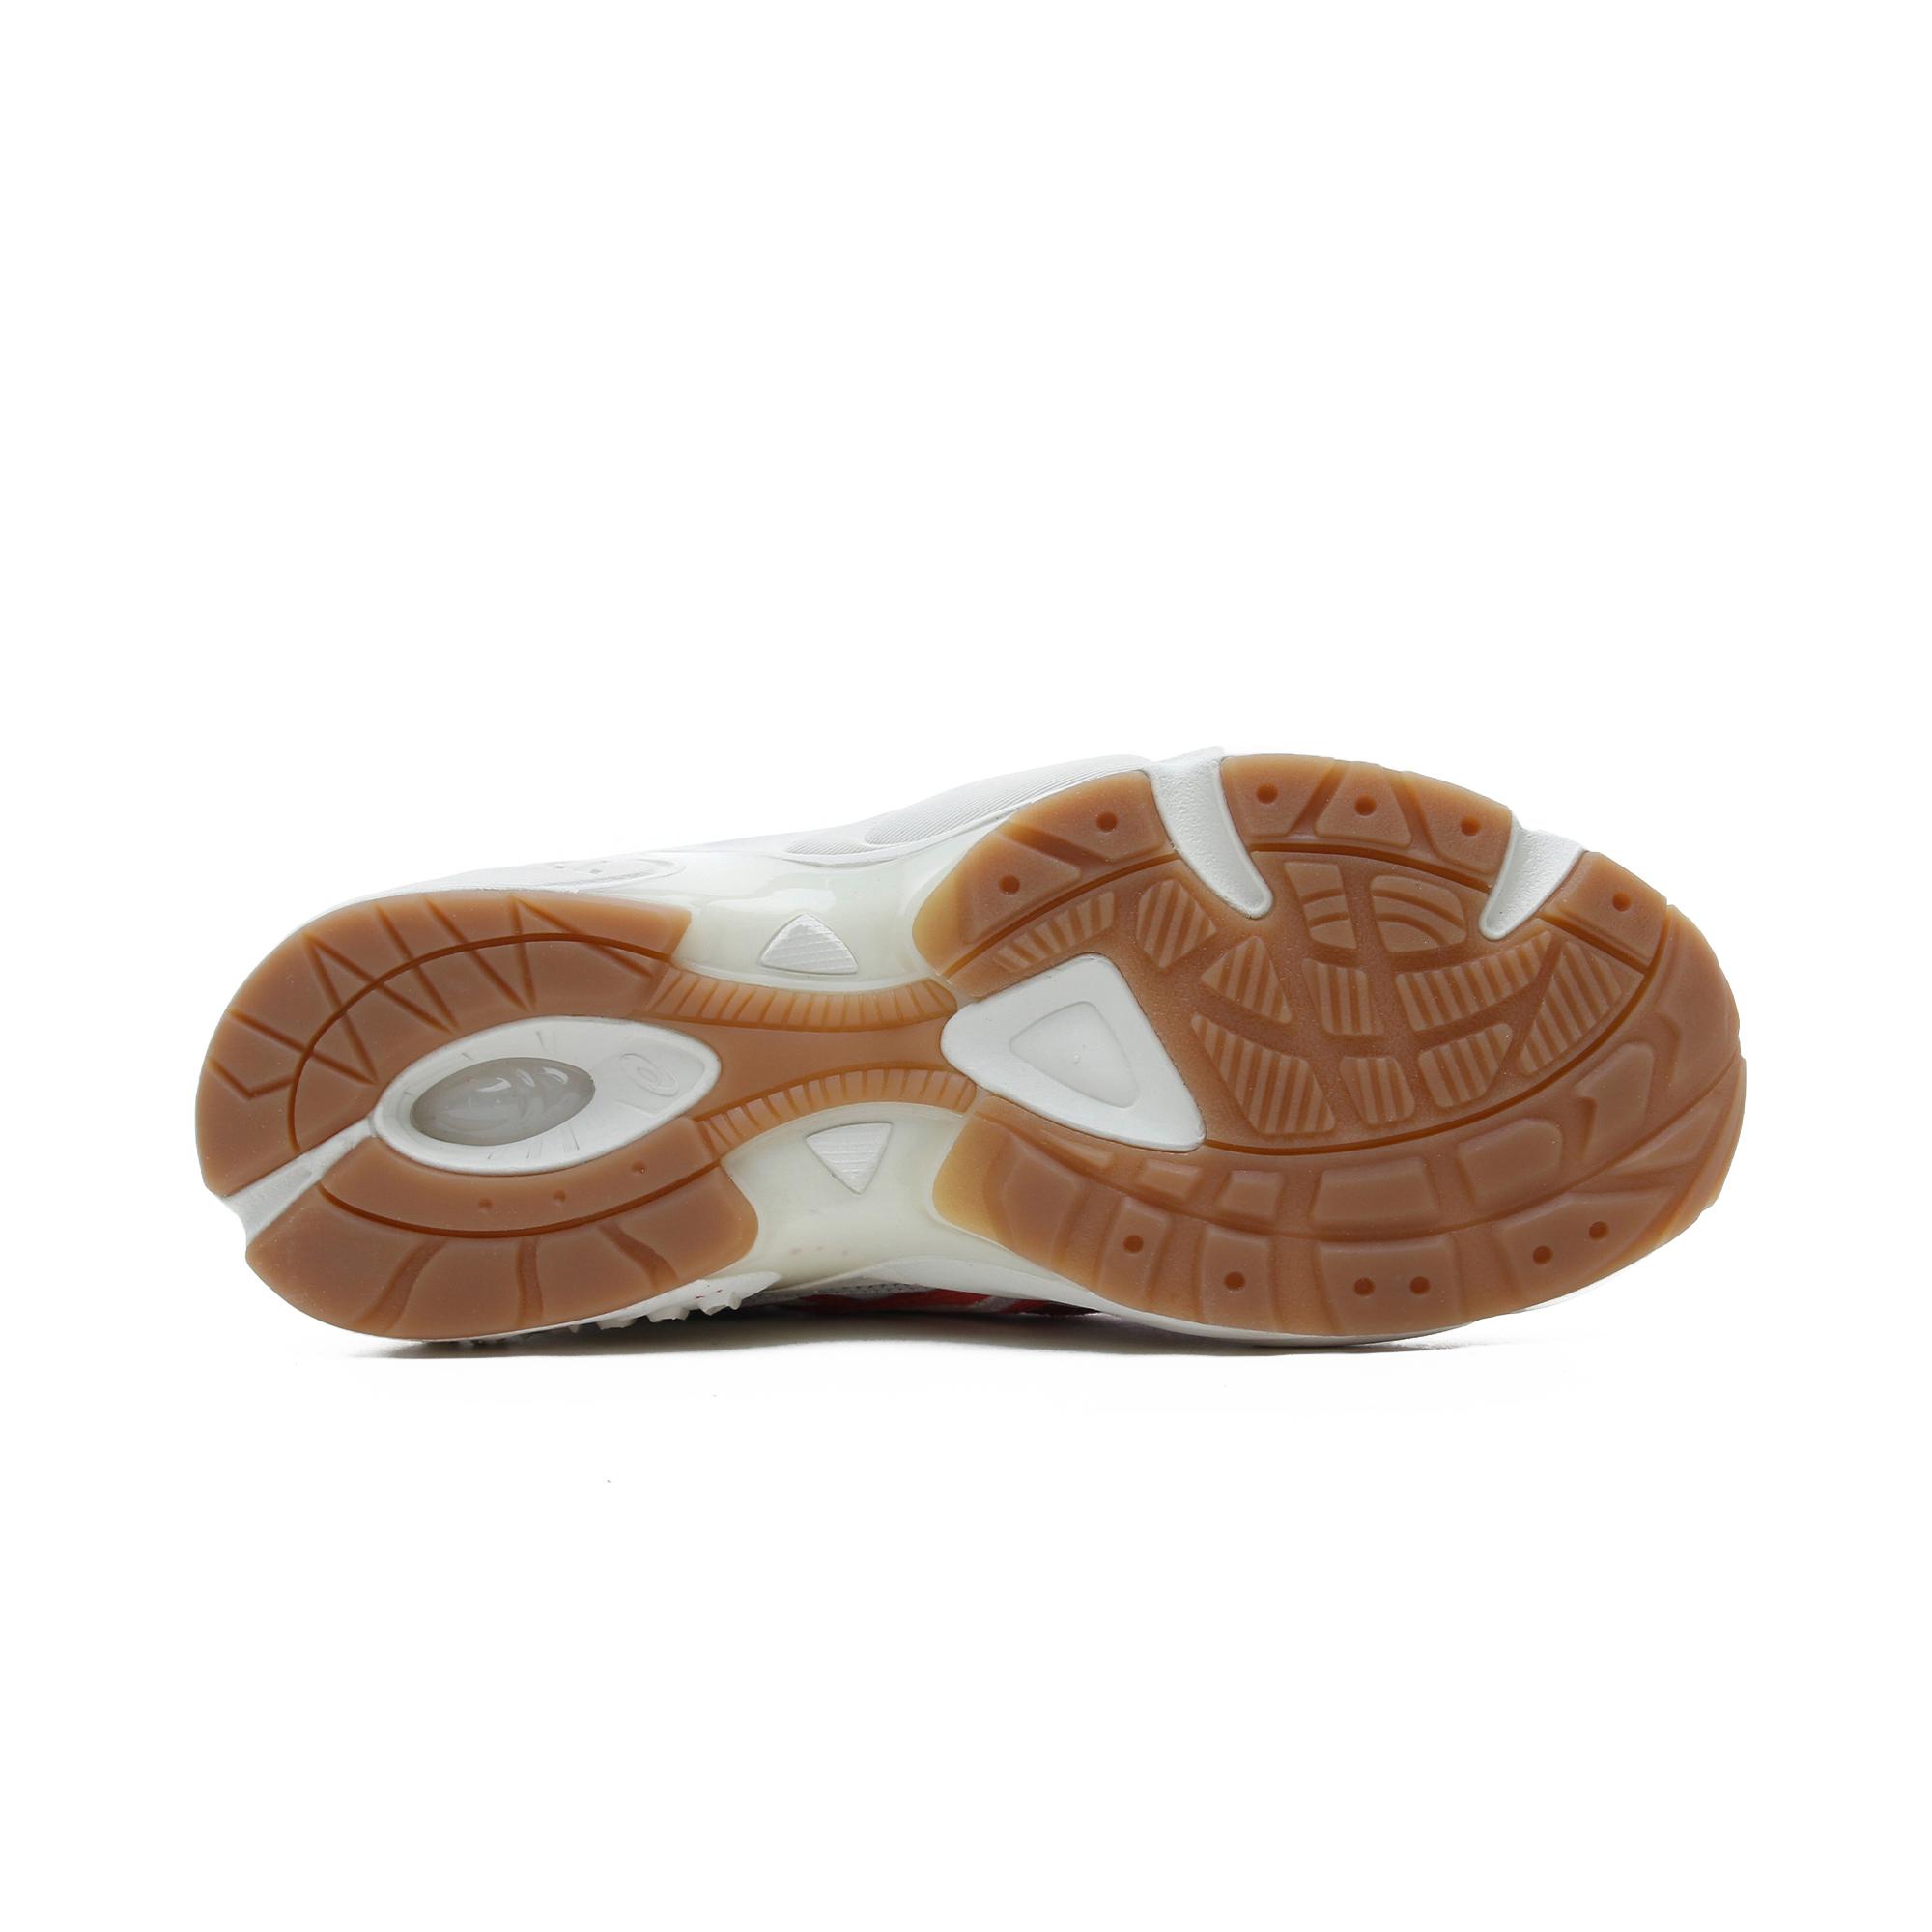 Asics Gel-Kayano 5 OG Beyaz Erkek Spor Ayakkabı